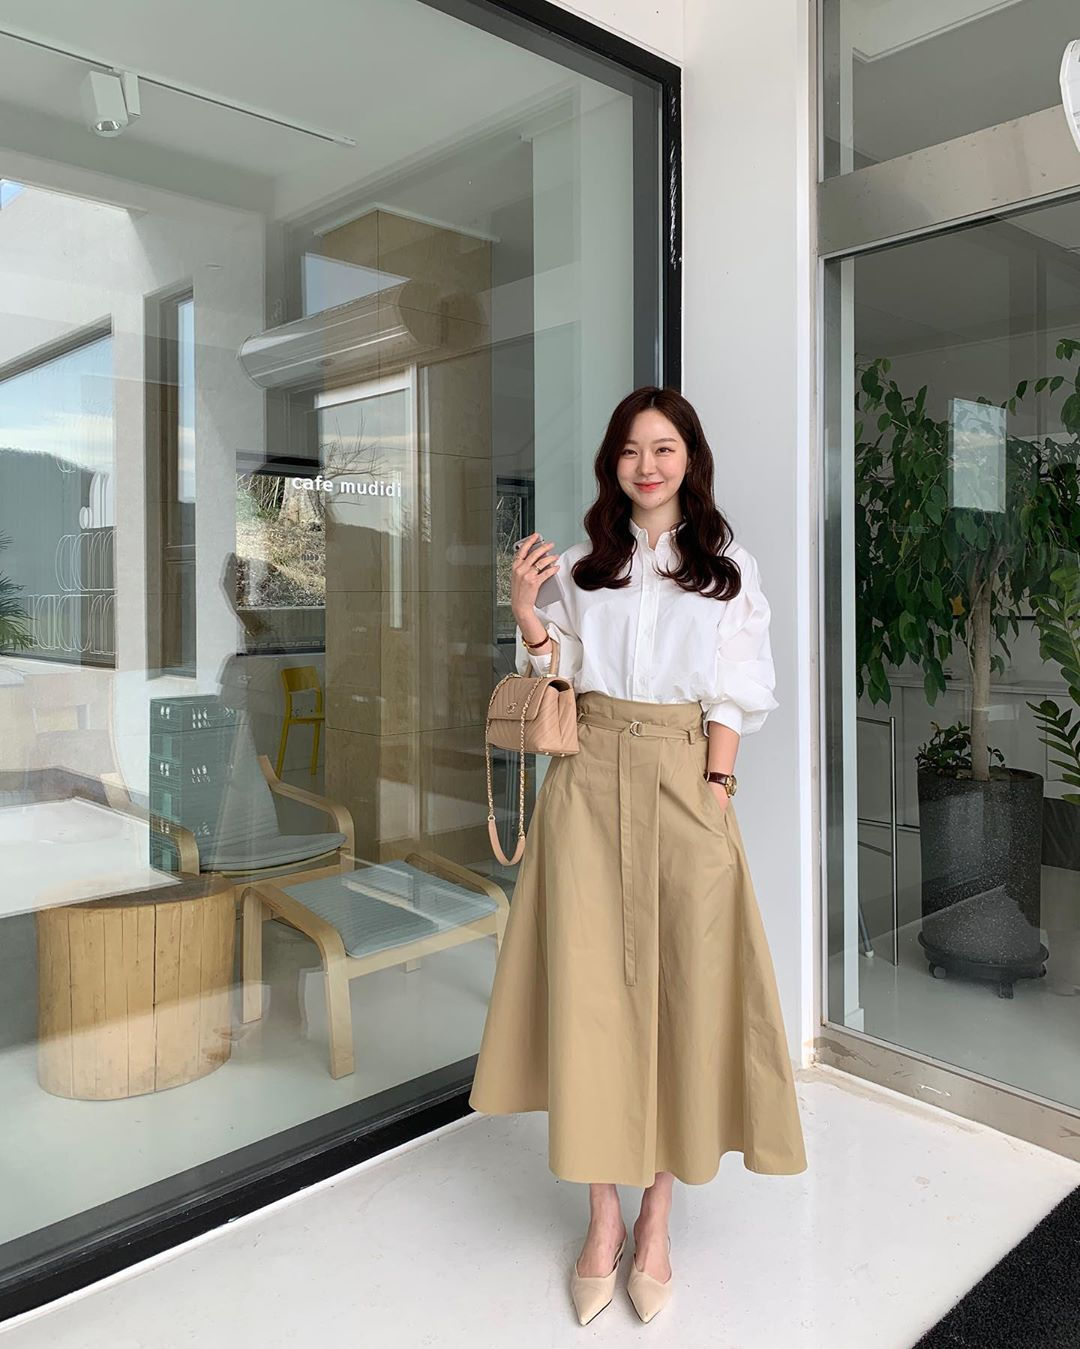 10 cách diện chân váy dài + áo trắng giúp nàng công sở luôn đẹp quanh năm suốt tháng trong mắt đồng nghiệp - Ảnh 9.